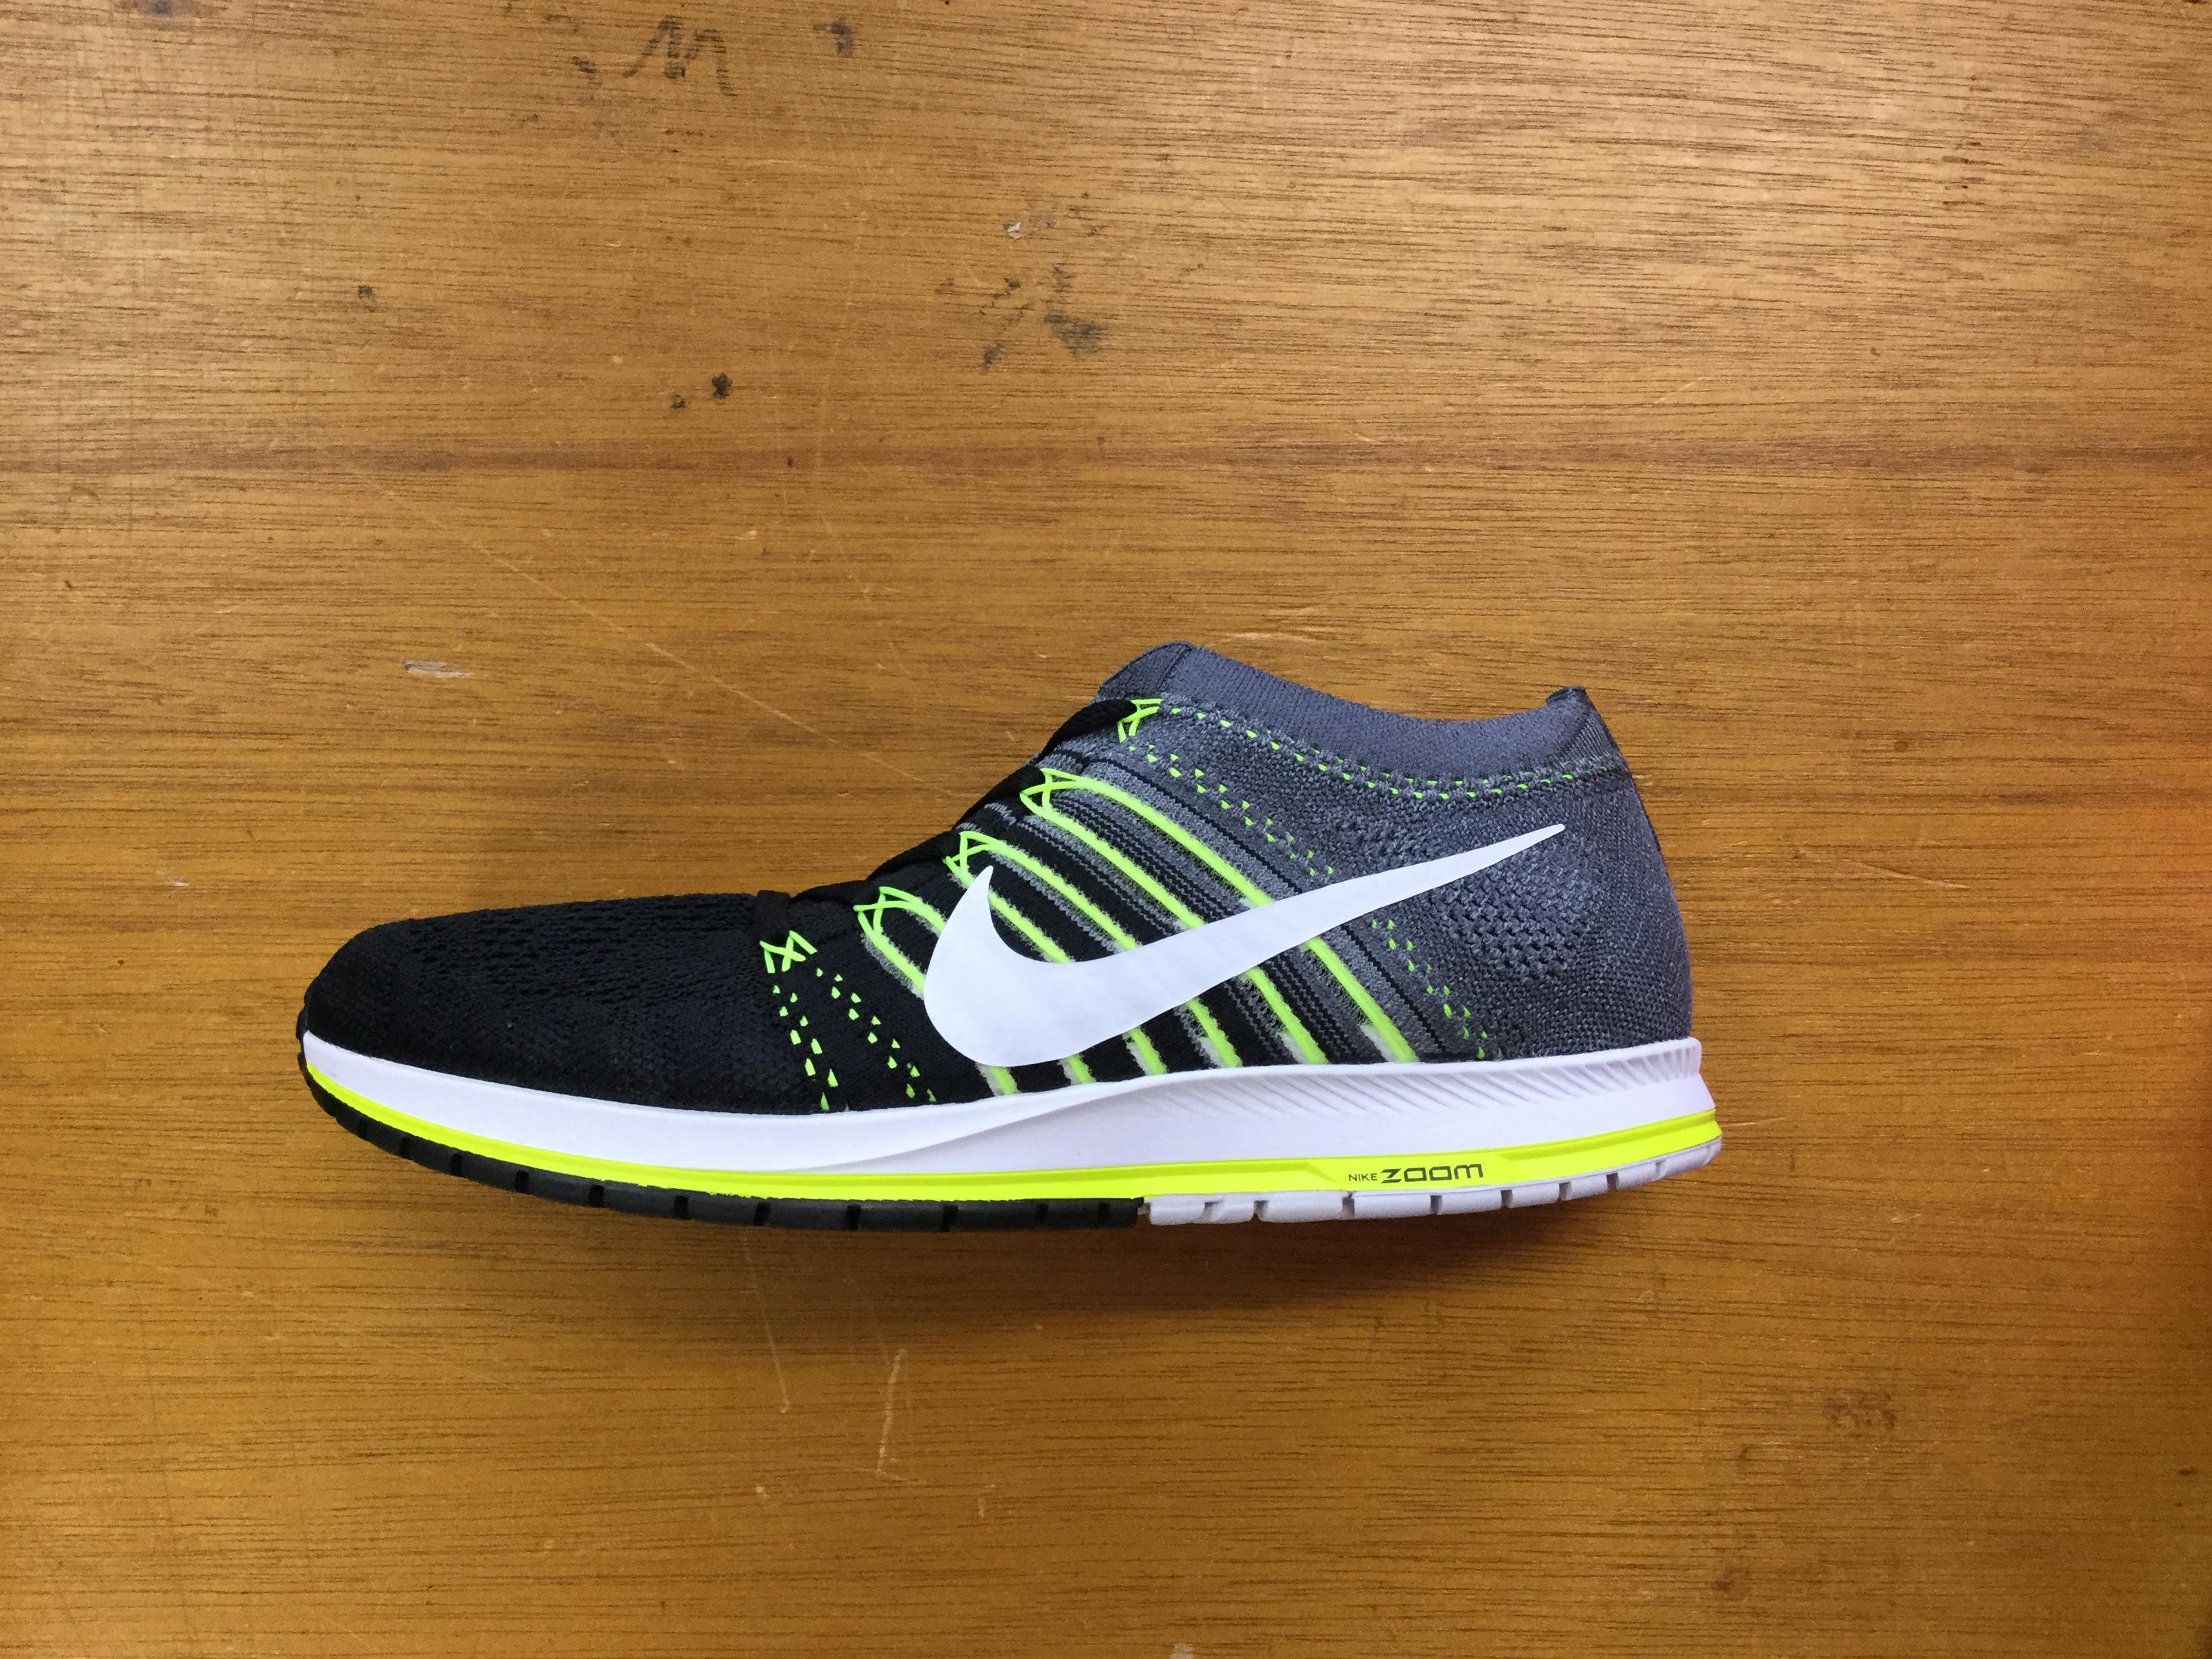 d8b0a2e4e0b921 NIKE FLYKNIT STREAK - NikeFukuoka STORE BLOG